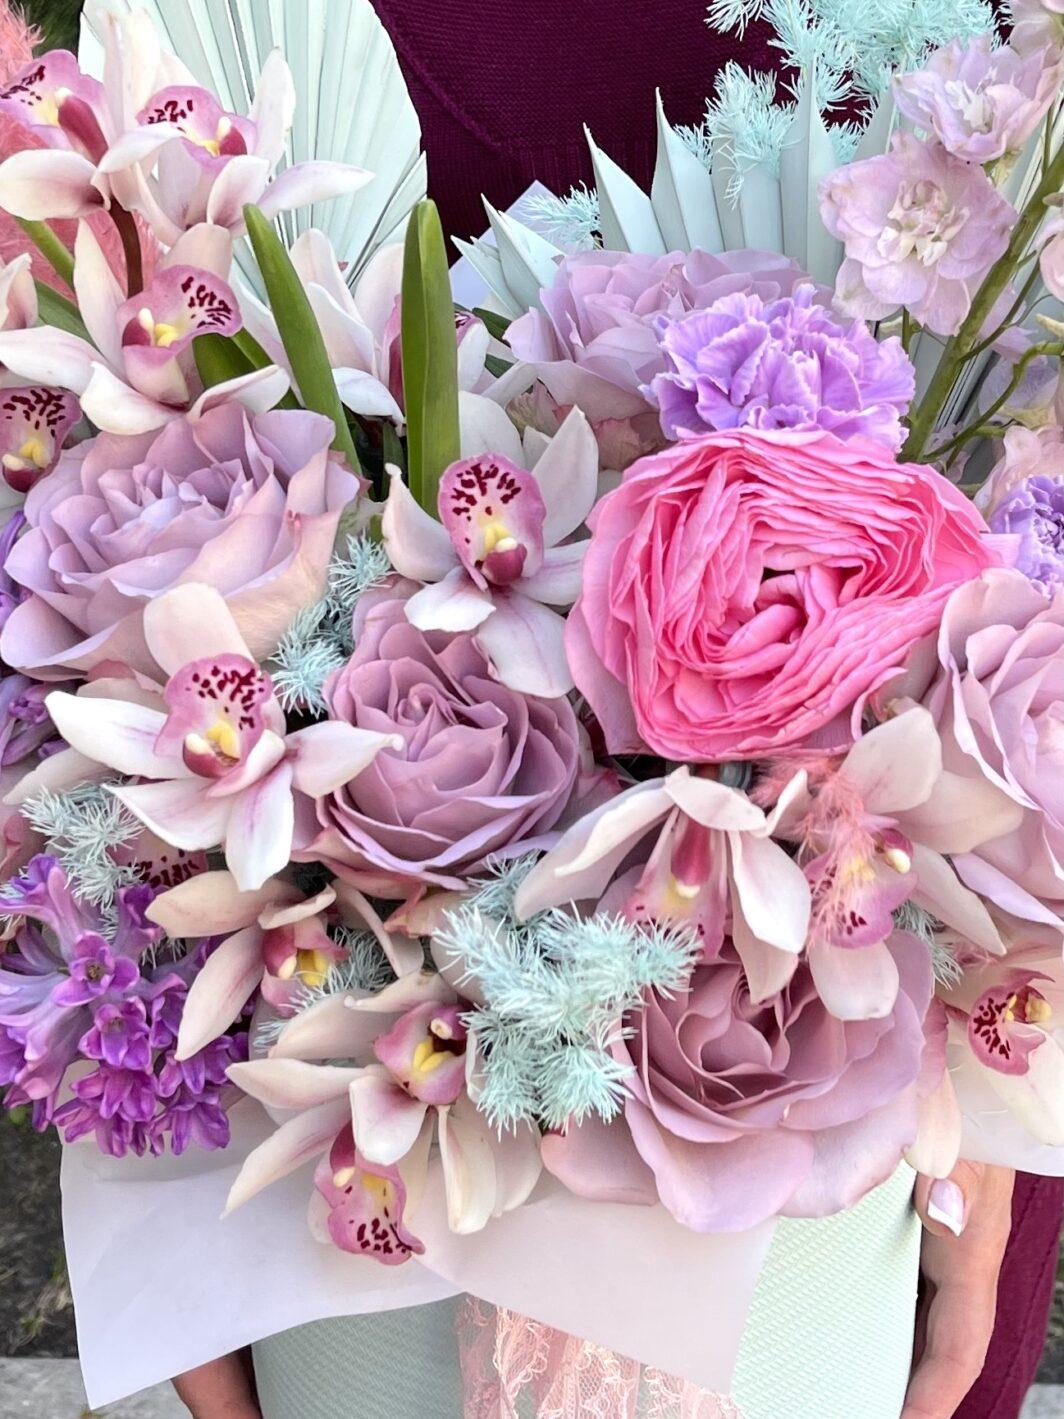 img 1365 1064x1419 - Композиция цветов в коробке № 1047